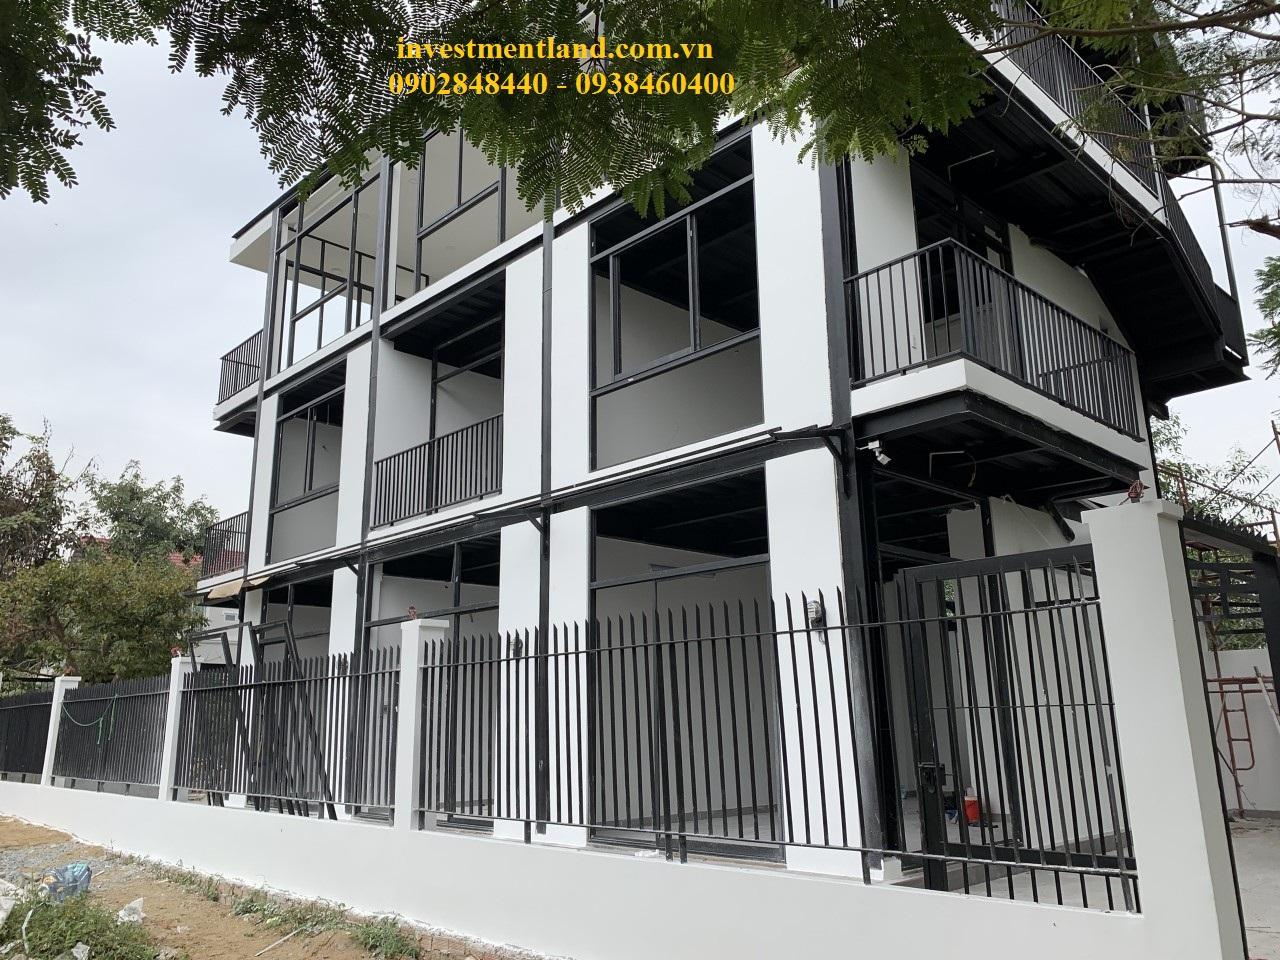 Căn hộ cho thuê đường Bưng Ông Thoàn,phường Phú Hữu, Quận 9